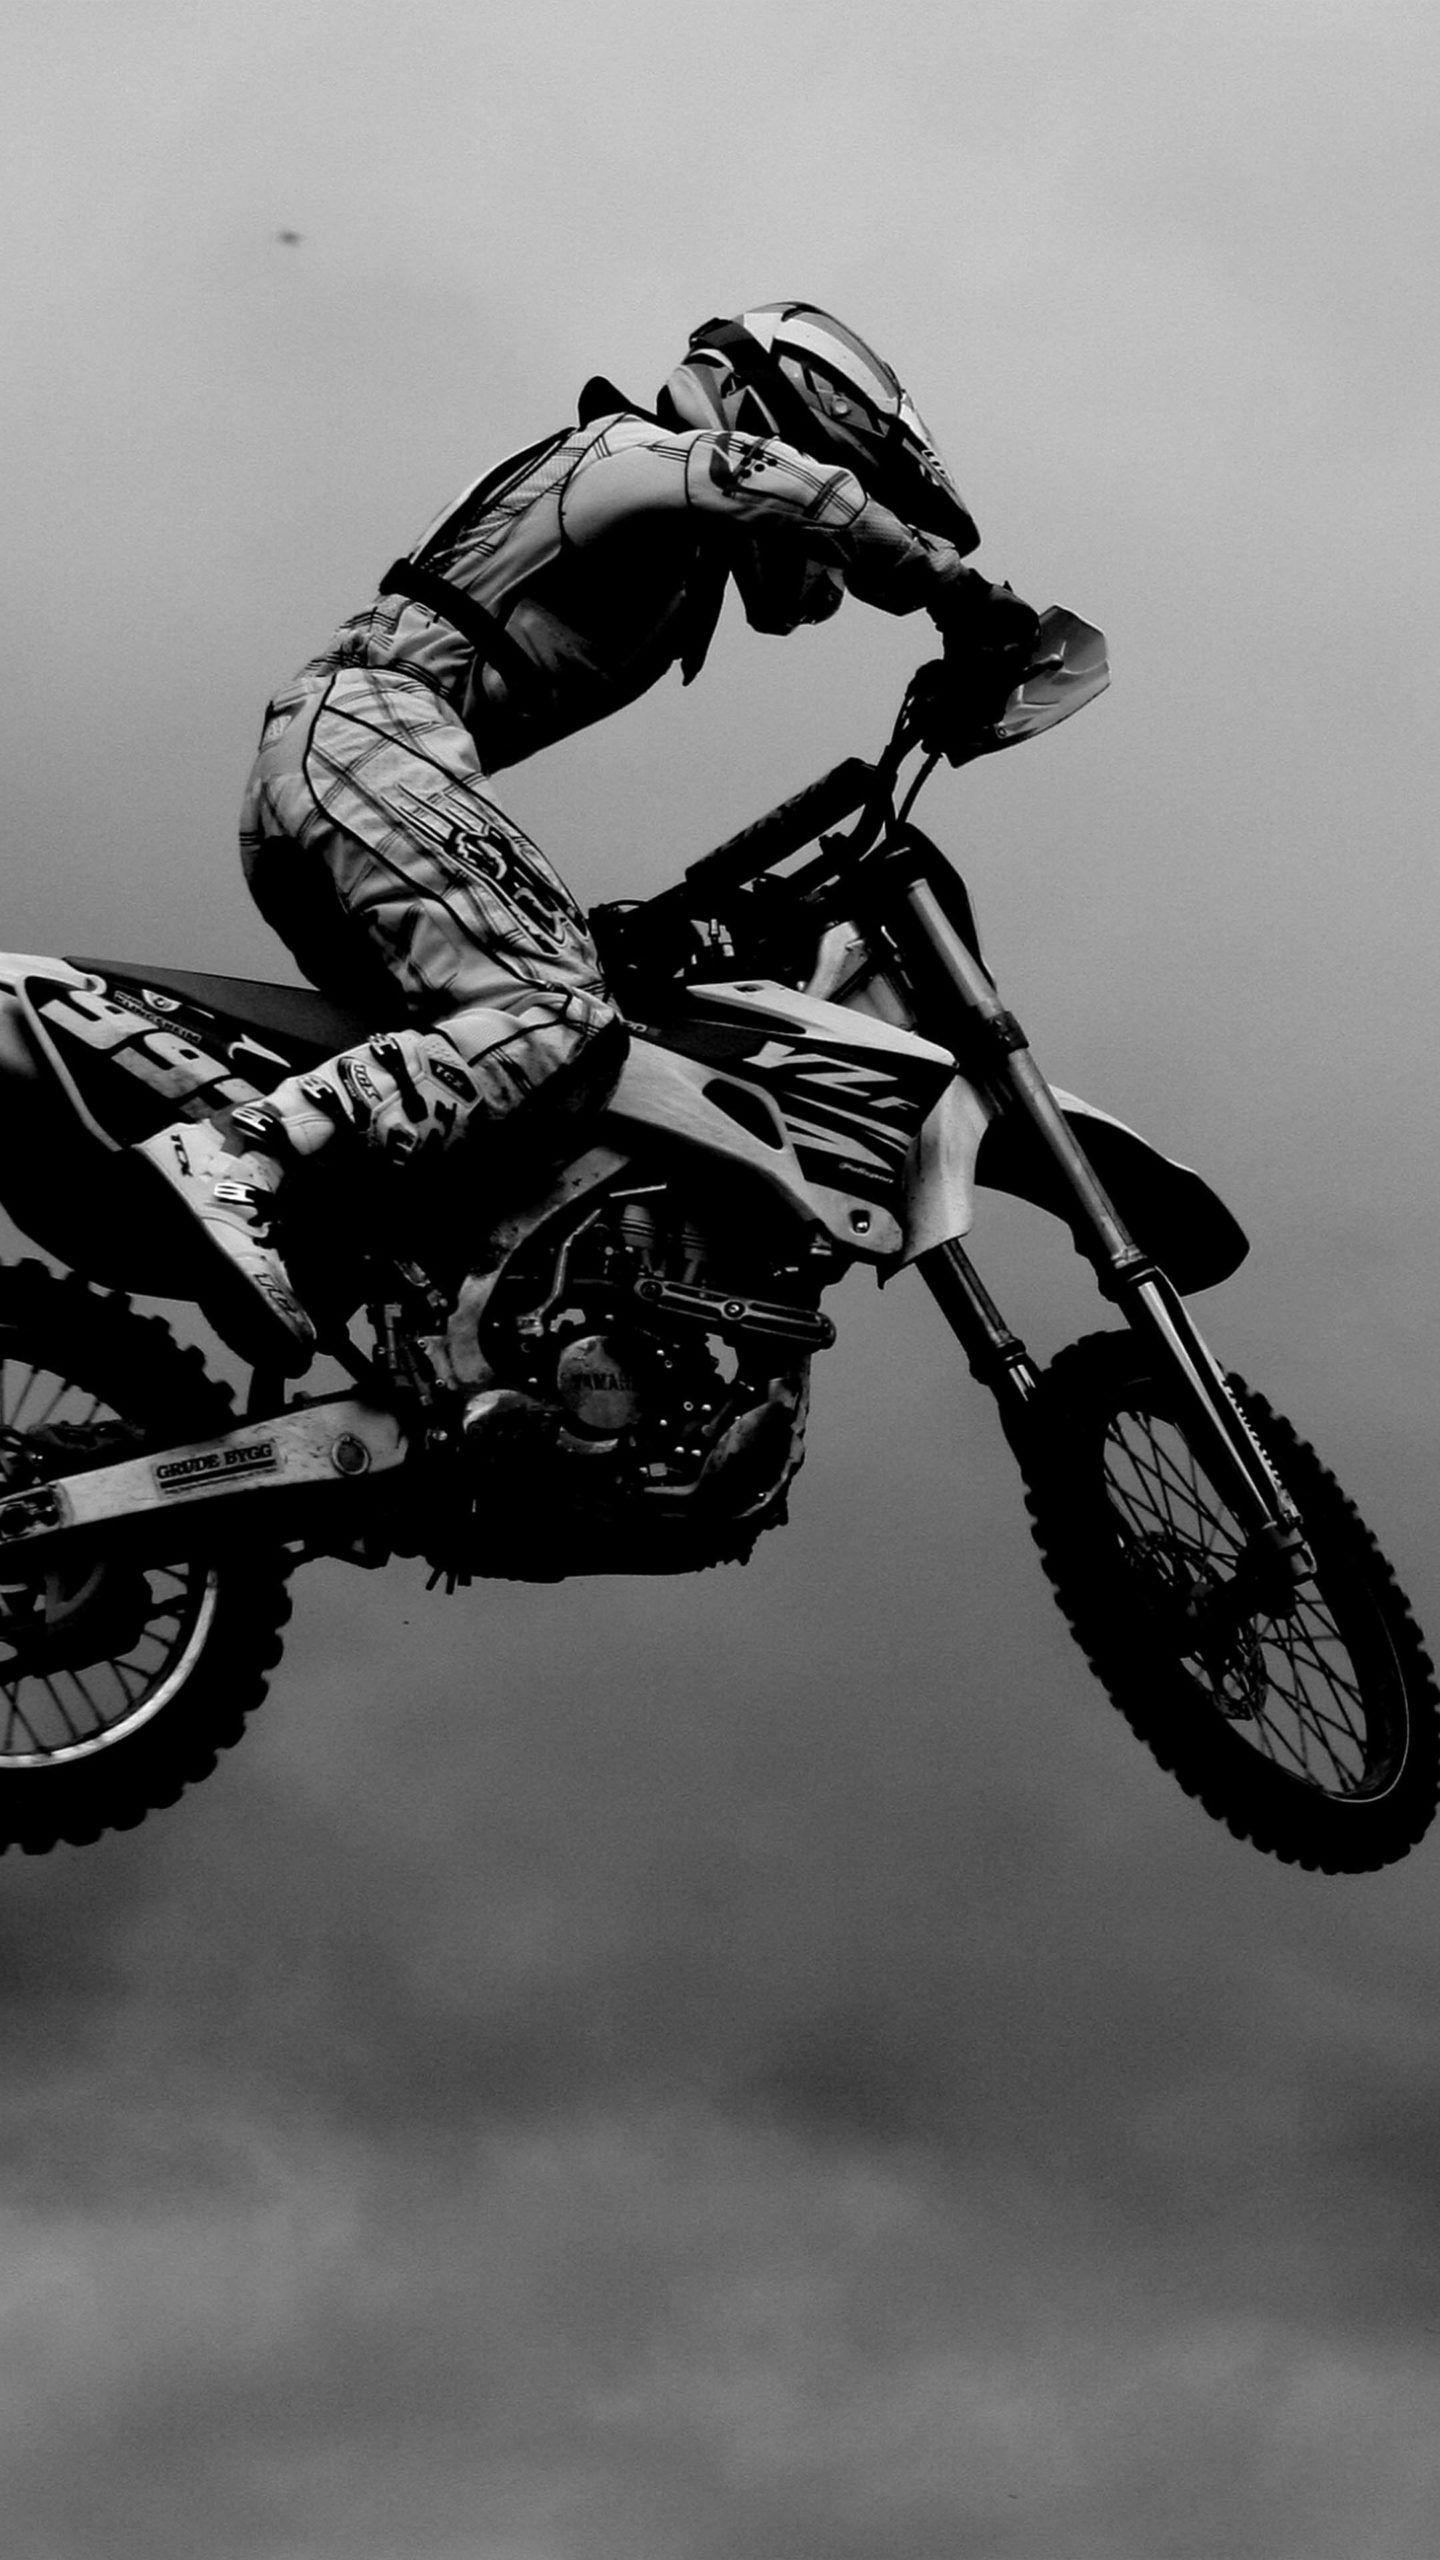 Motocross Black White 4k Ultra Hd Mobile Wallpaper Motorcycle Wallpaper Motocross Bikes Motocross